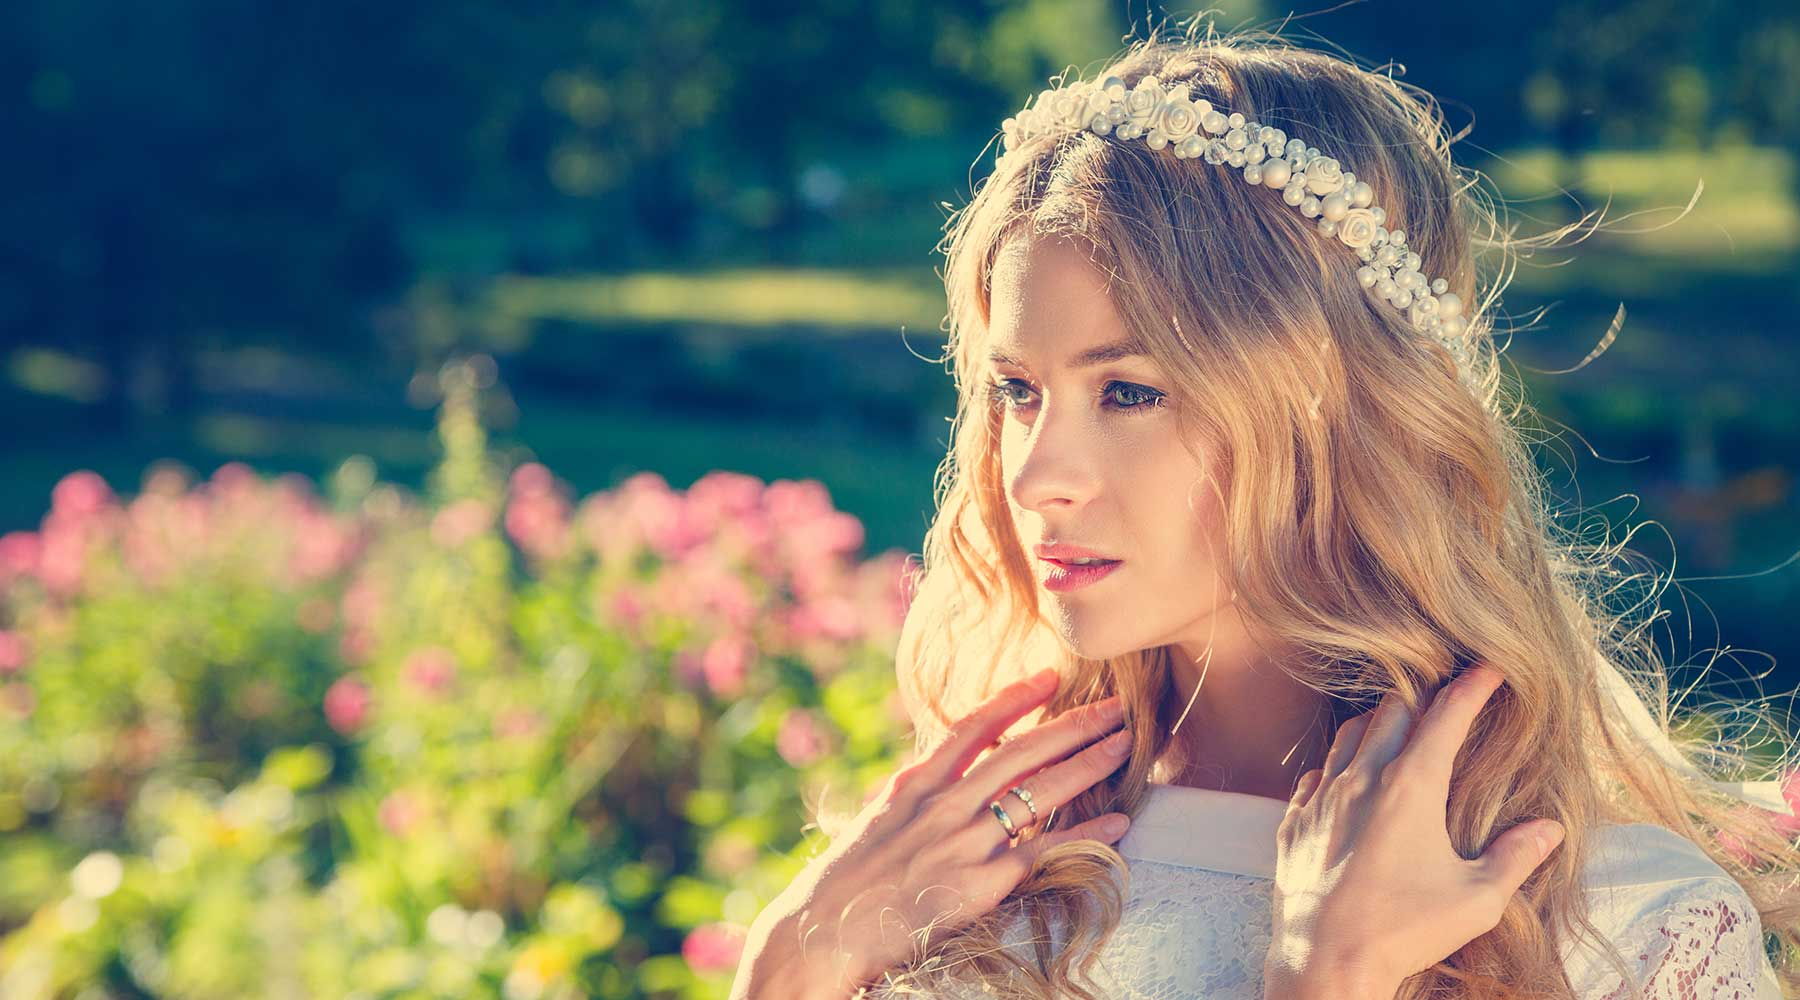 donna bionda con abito nuziale e in testa una tiara